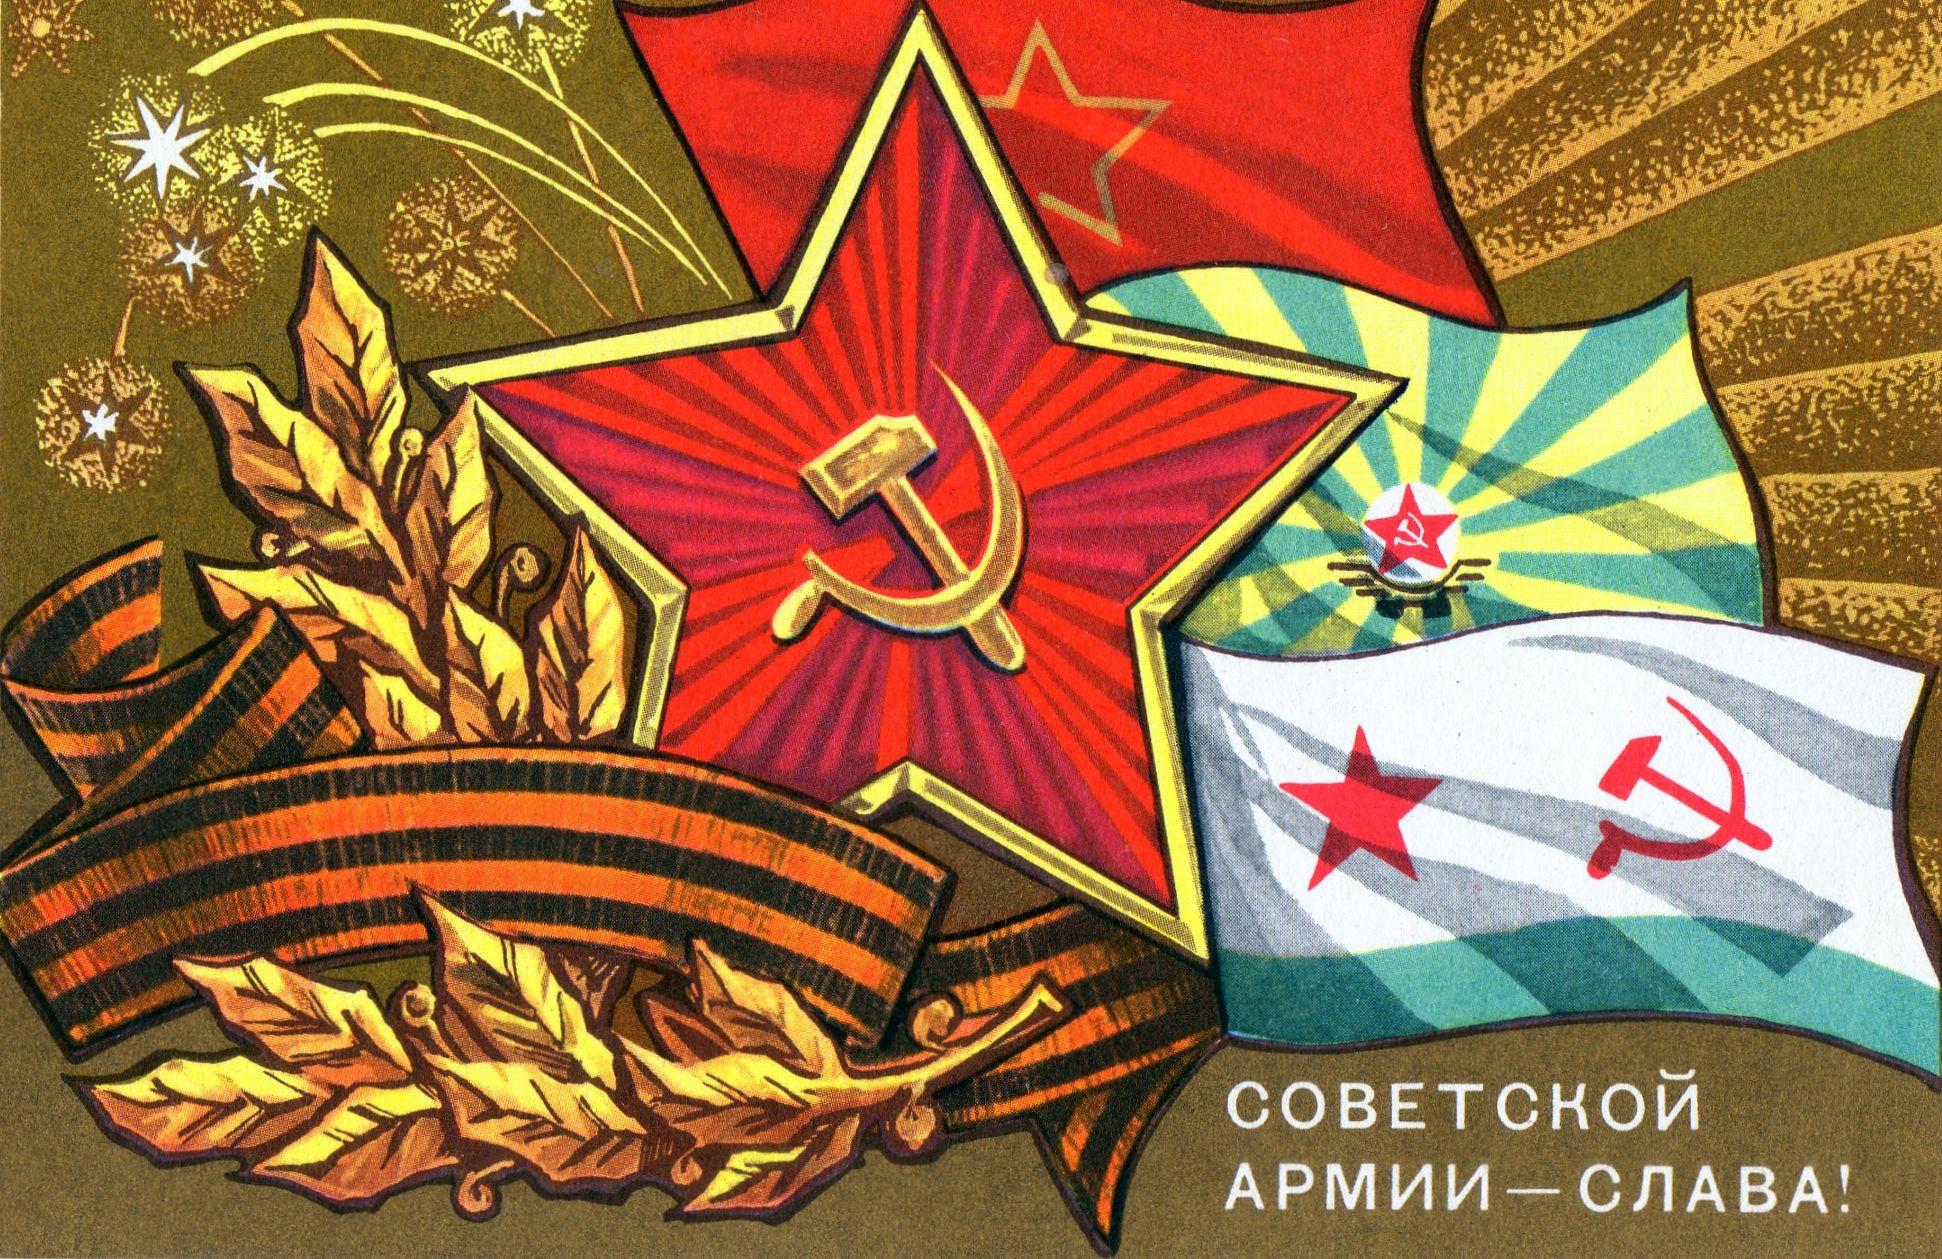 сочетание шаблоны поздравлений с днем советской армии поклонников певицы интересует